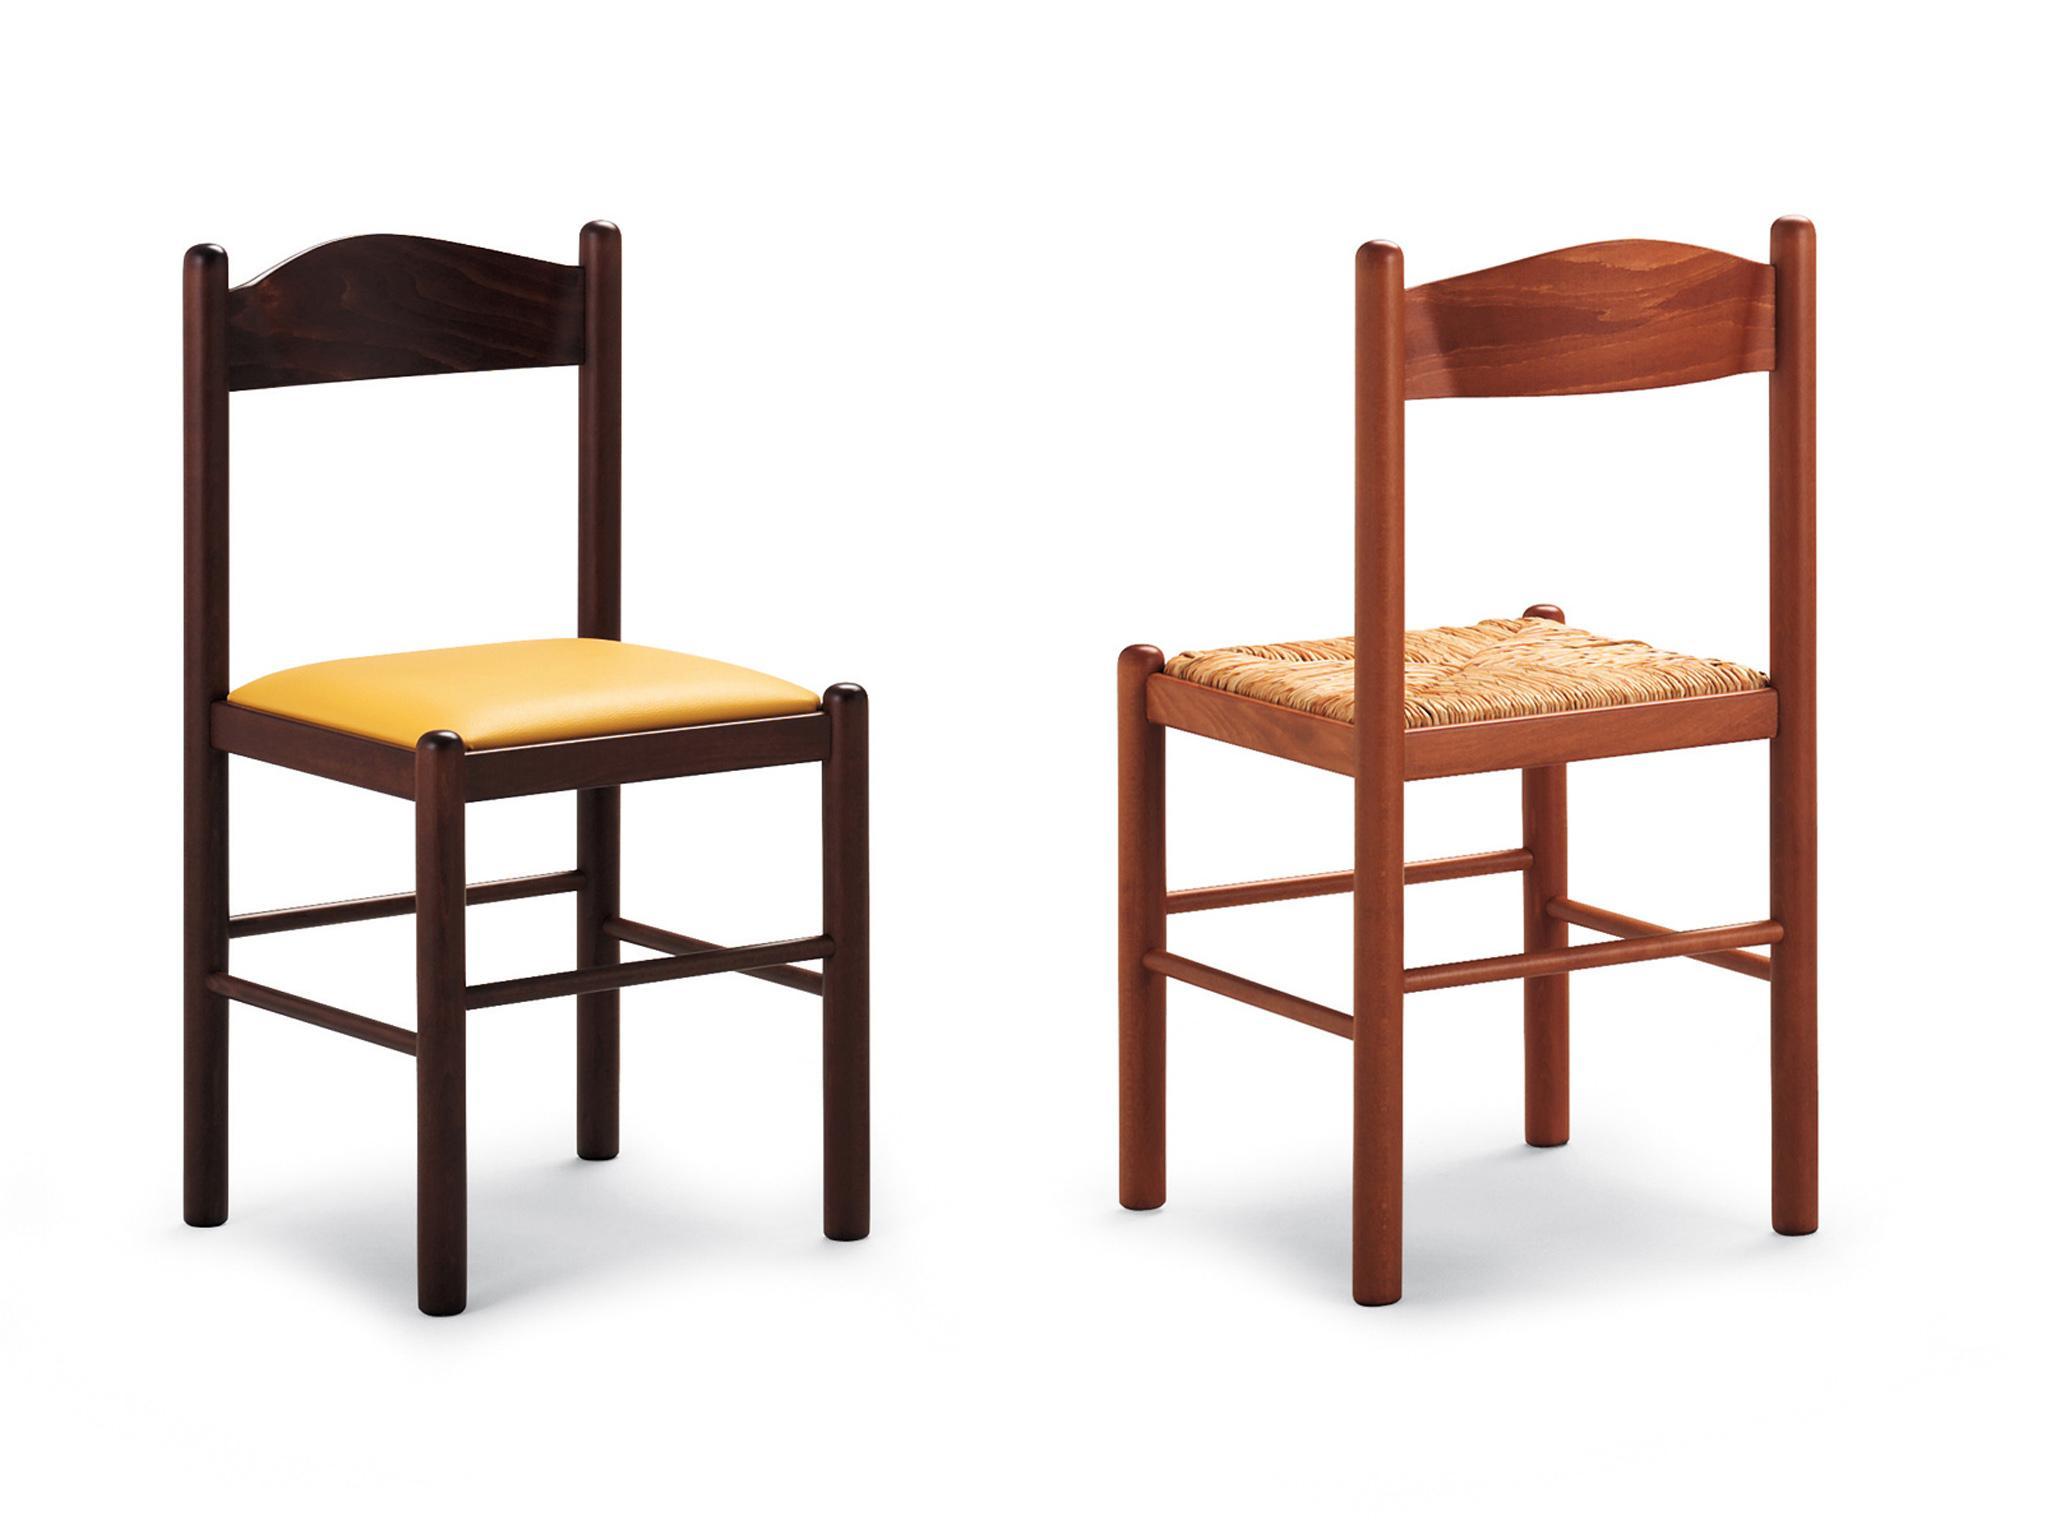 Sillas Cocina | Sillas De Cocina Ikea Mesa Y 55 Mesas 1860